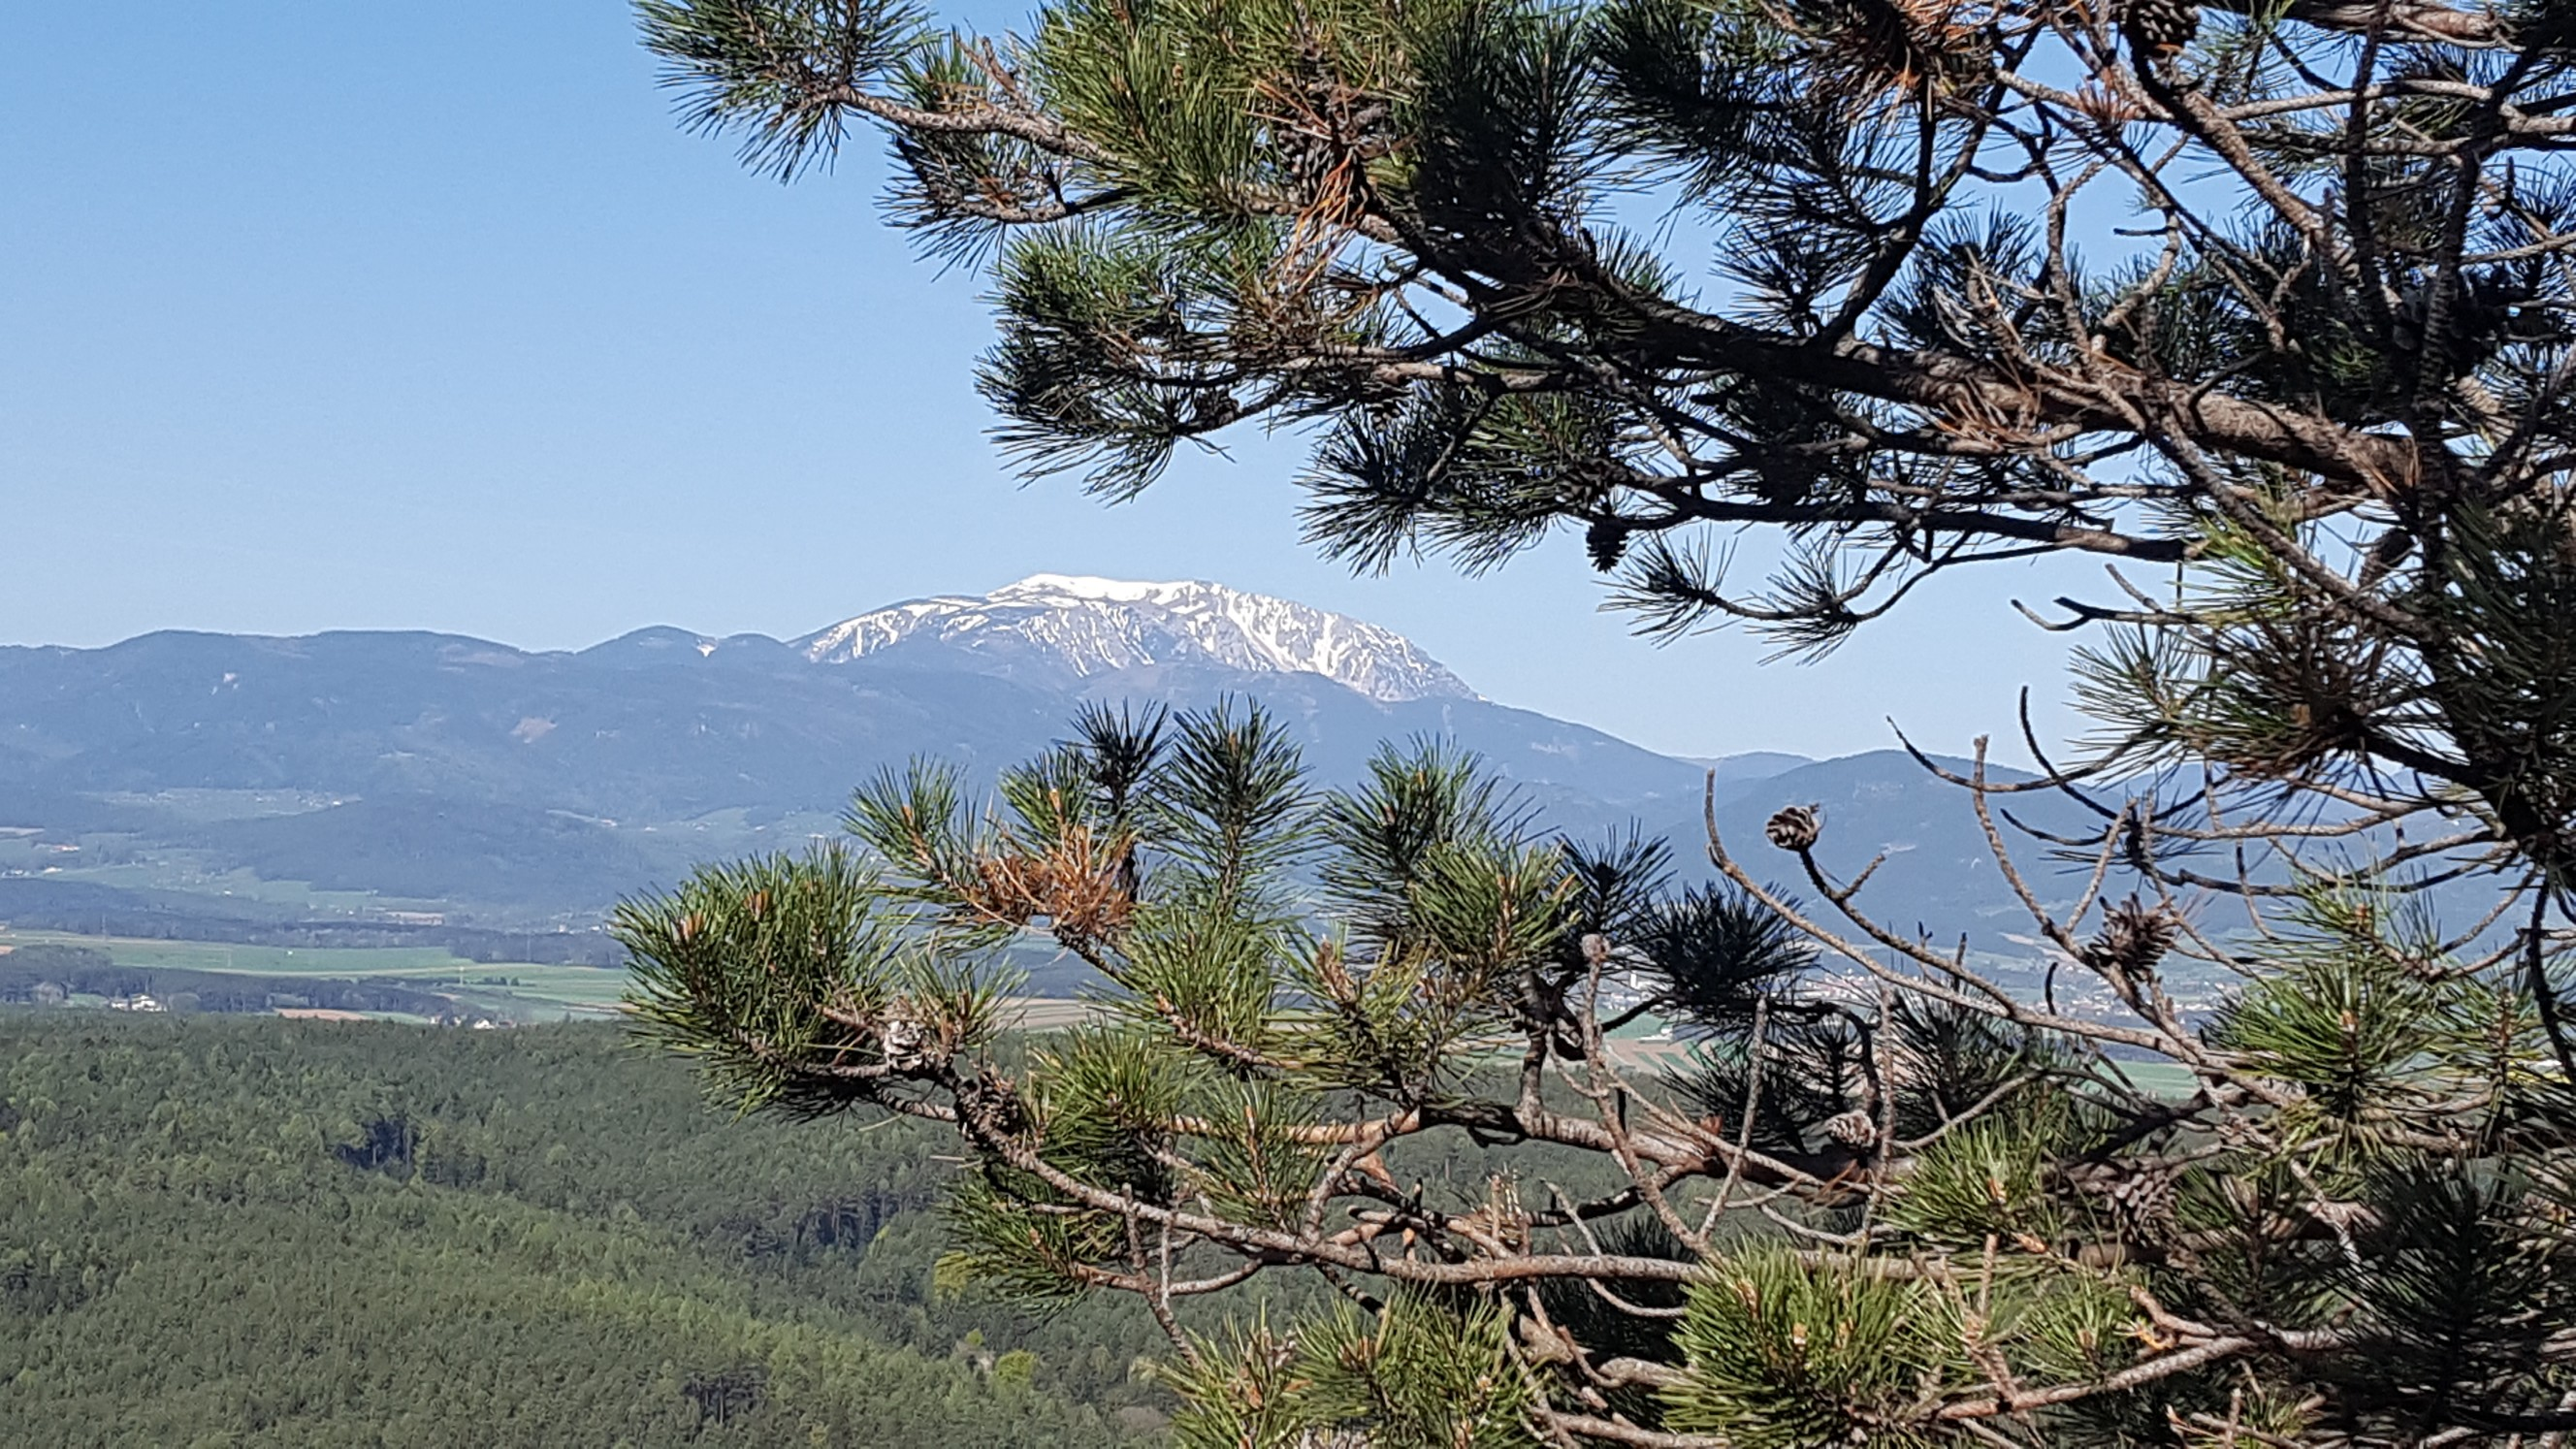 Klettersteig Türkensturz : Klettersteige kaiser franz josef klettersteig km bergwelten